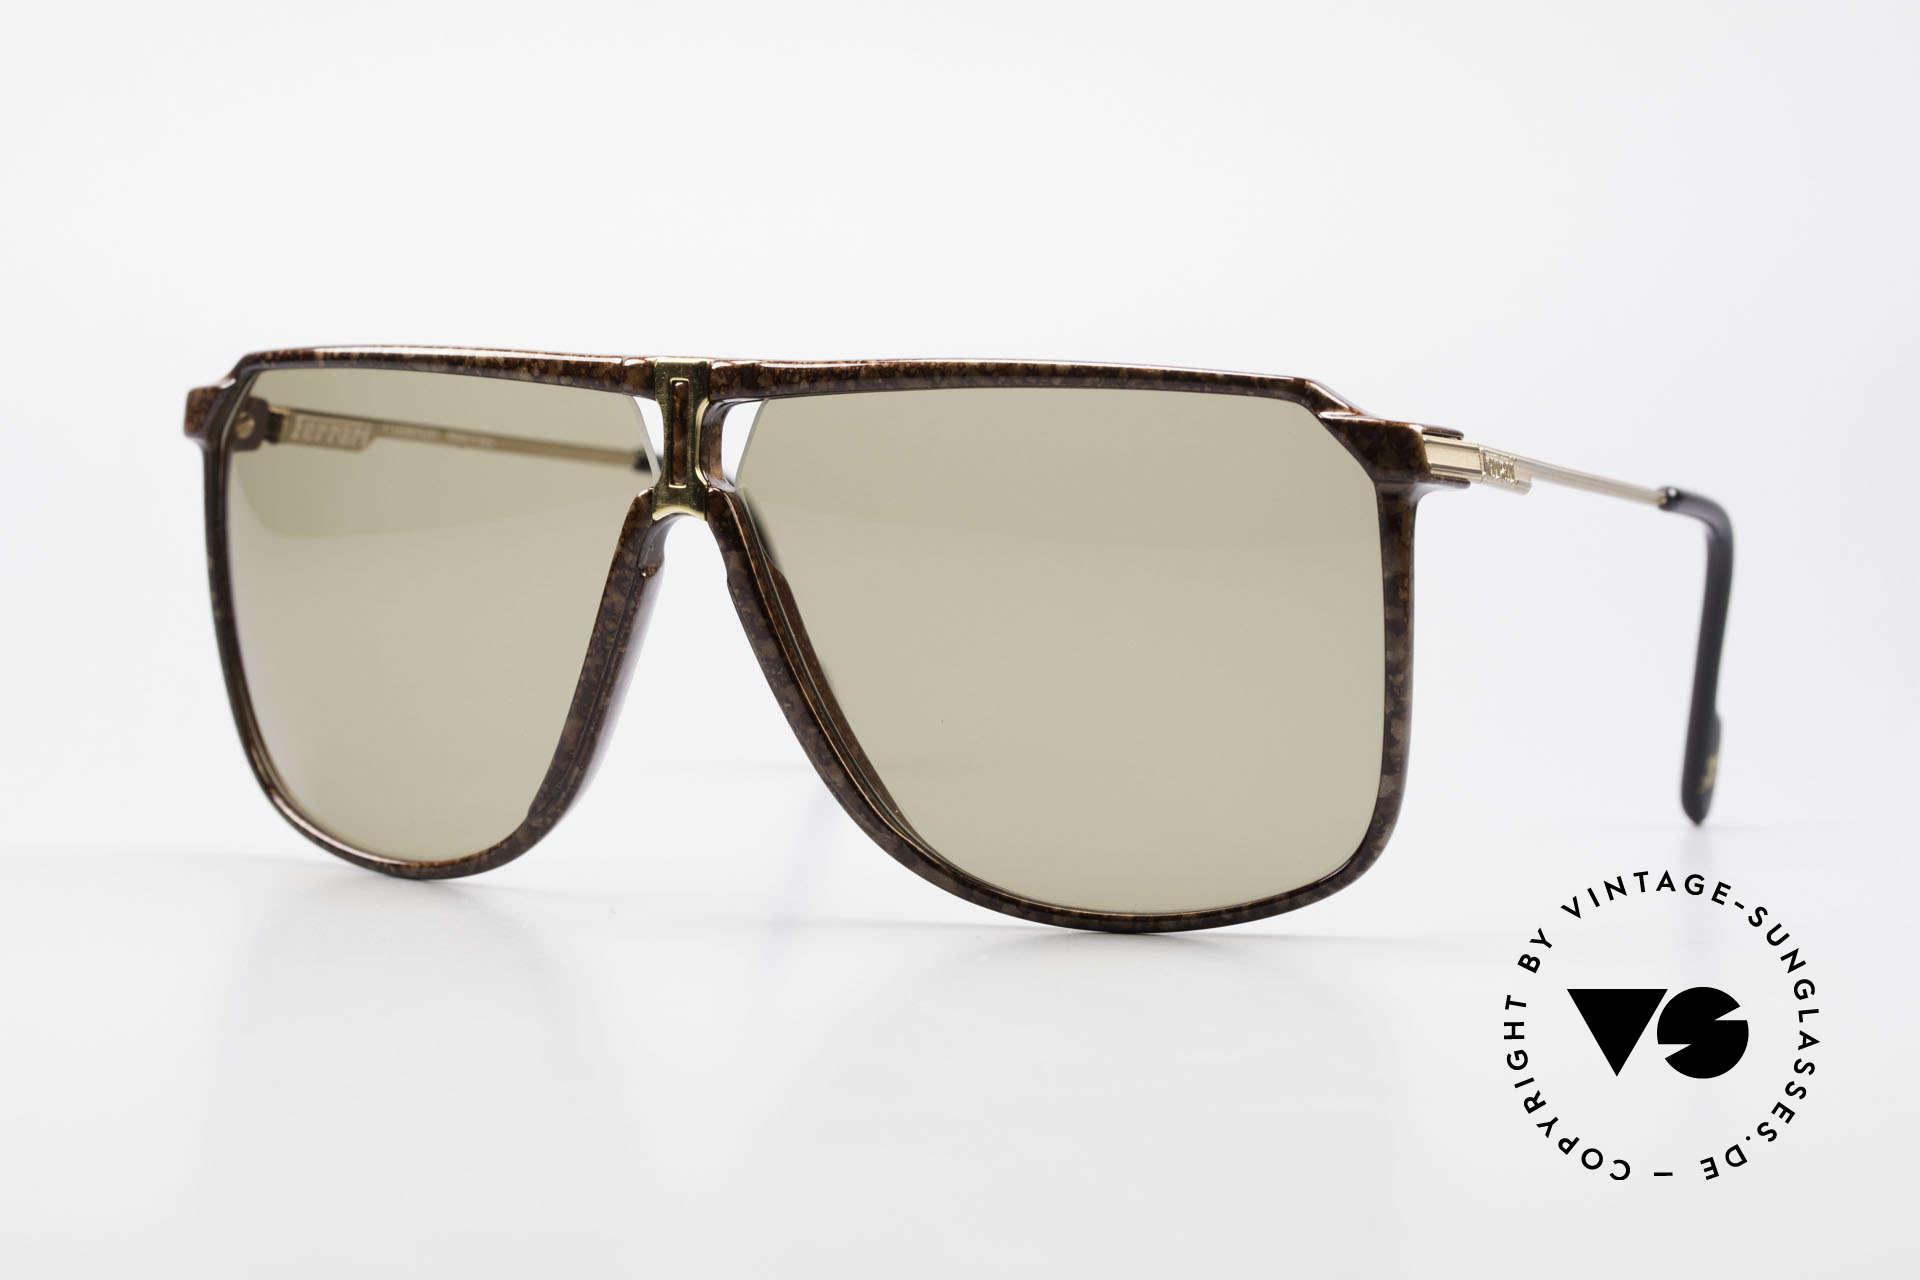 Ferrari F37/S 90er XL Sonnenbrille Karbon, luxuriöse Ferrari XL-Sonnenbrille aus den 1990ern, Passend für Herren